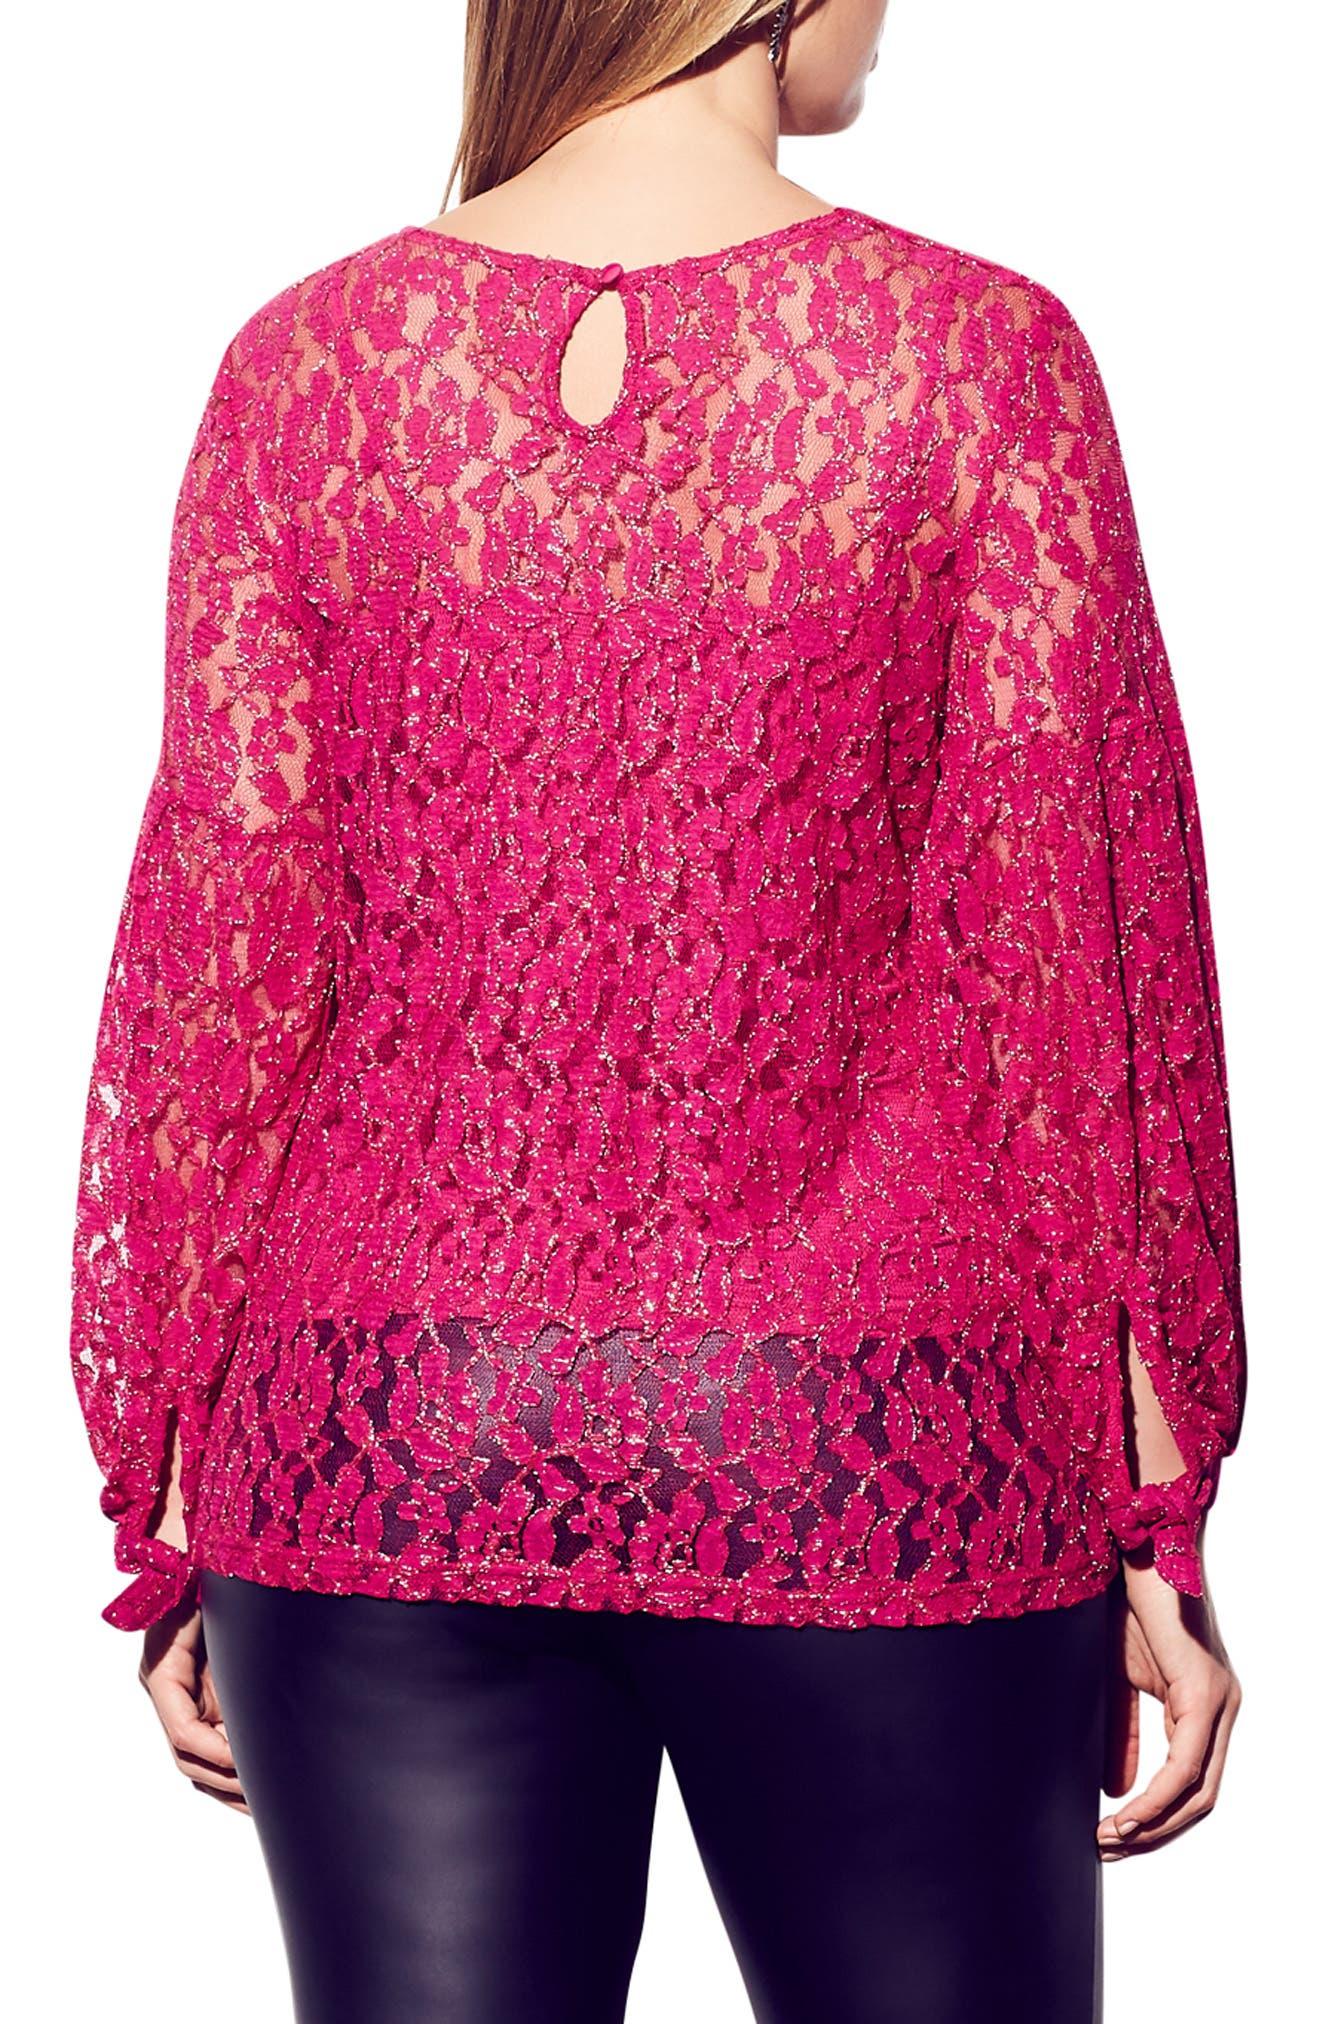 CITY CHIC, Metallic Detail Cotton Blend Lace Blouse, Alternate thumbnail 2, color, MAGENTA